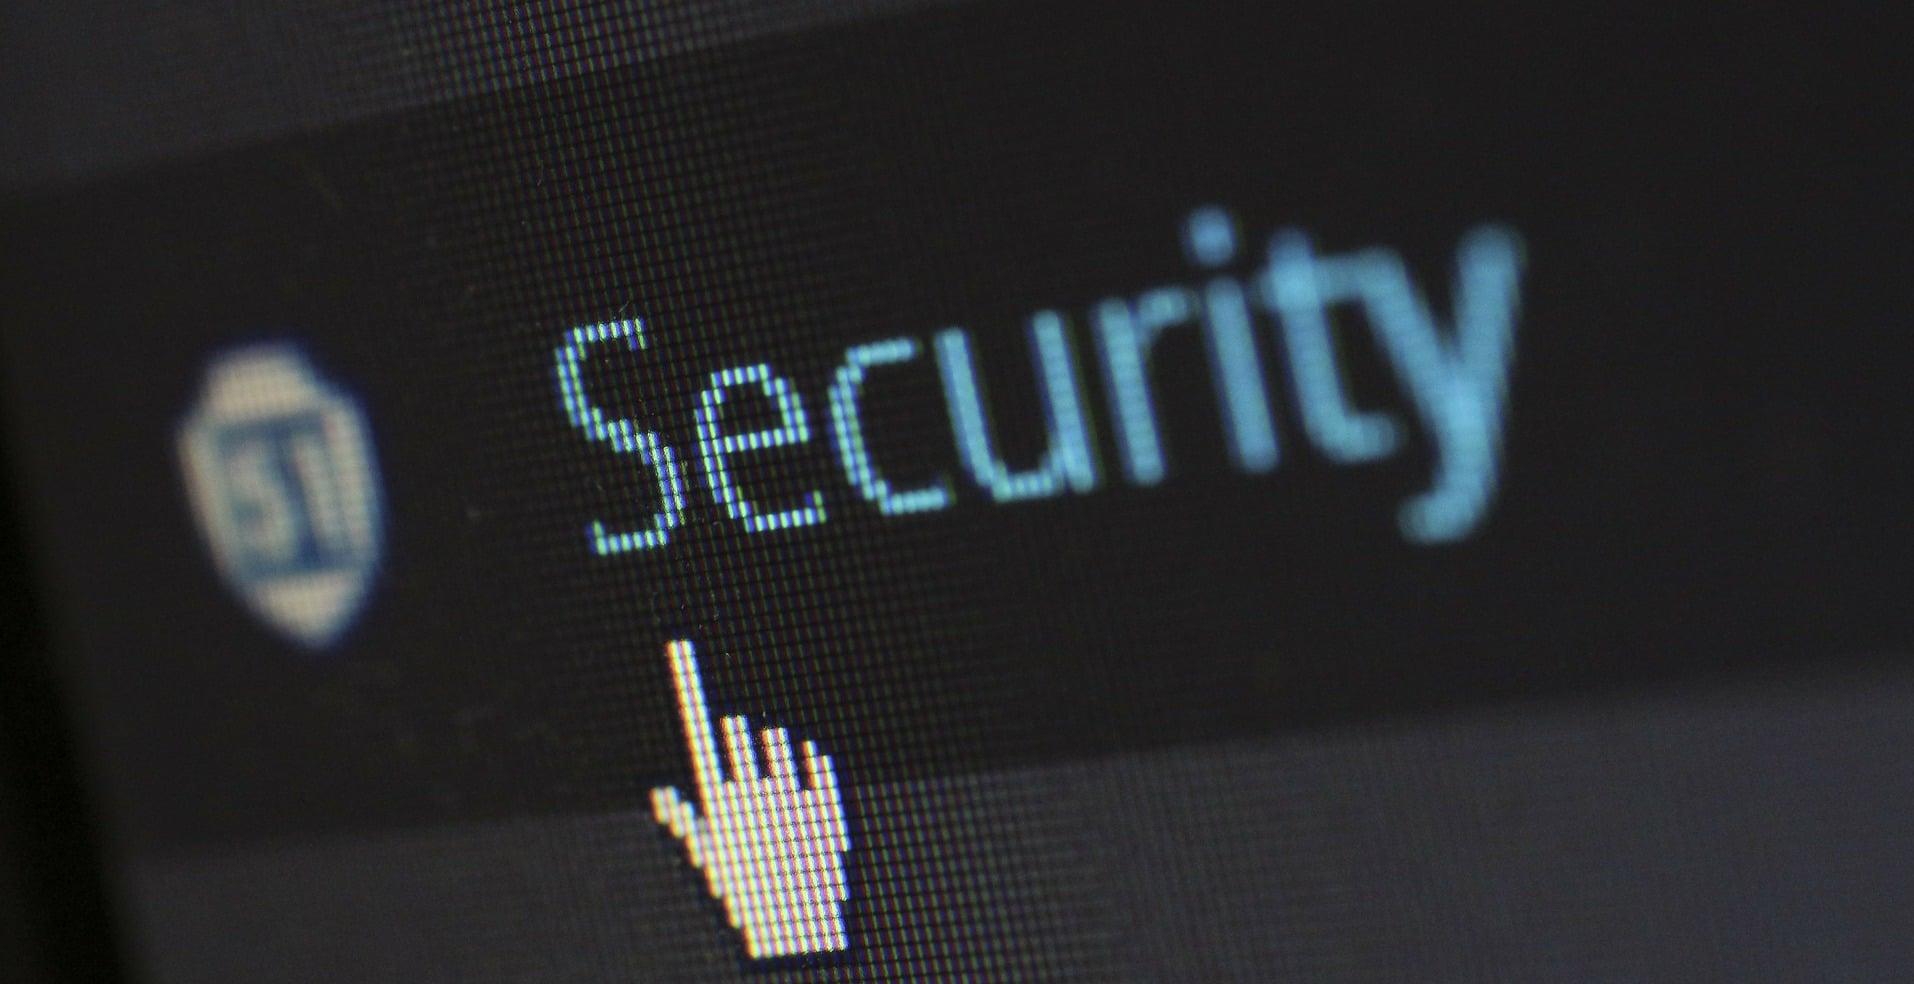 Sicurezza informatica, nel 2016 il 79% delle aziende ha subito almeno un attacco informatico